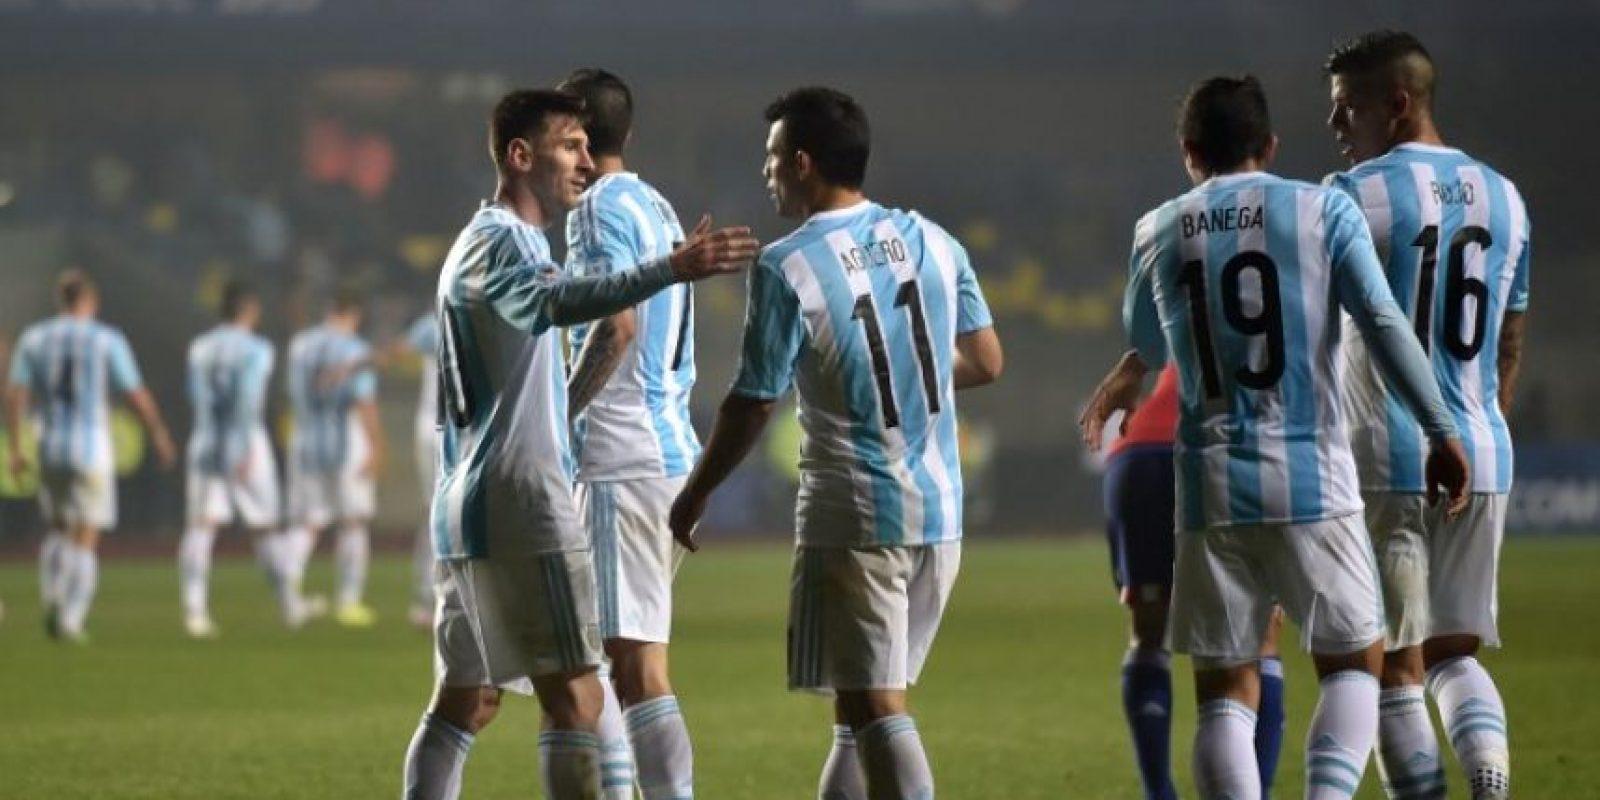 """La """"Albiceleste"""" es uno de los equipos más ganadores de la Copa América con 14 títulos, uno menos que Uruguay. Foto:AFP"""